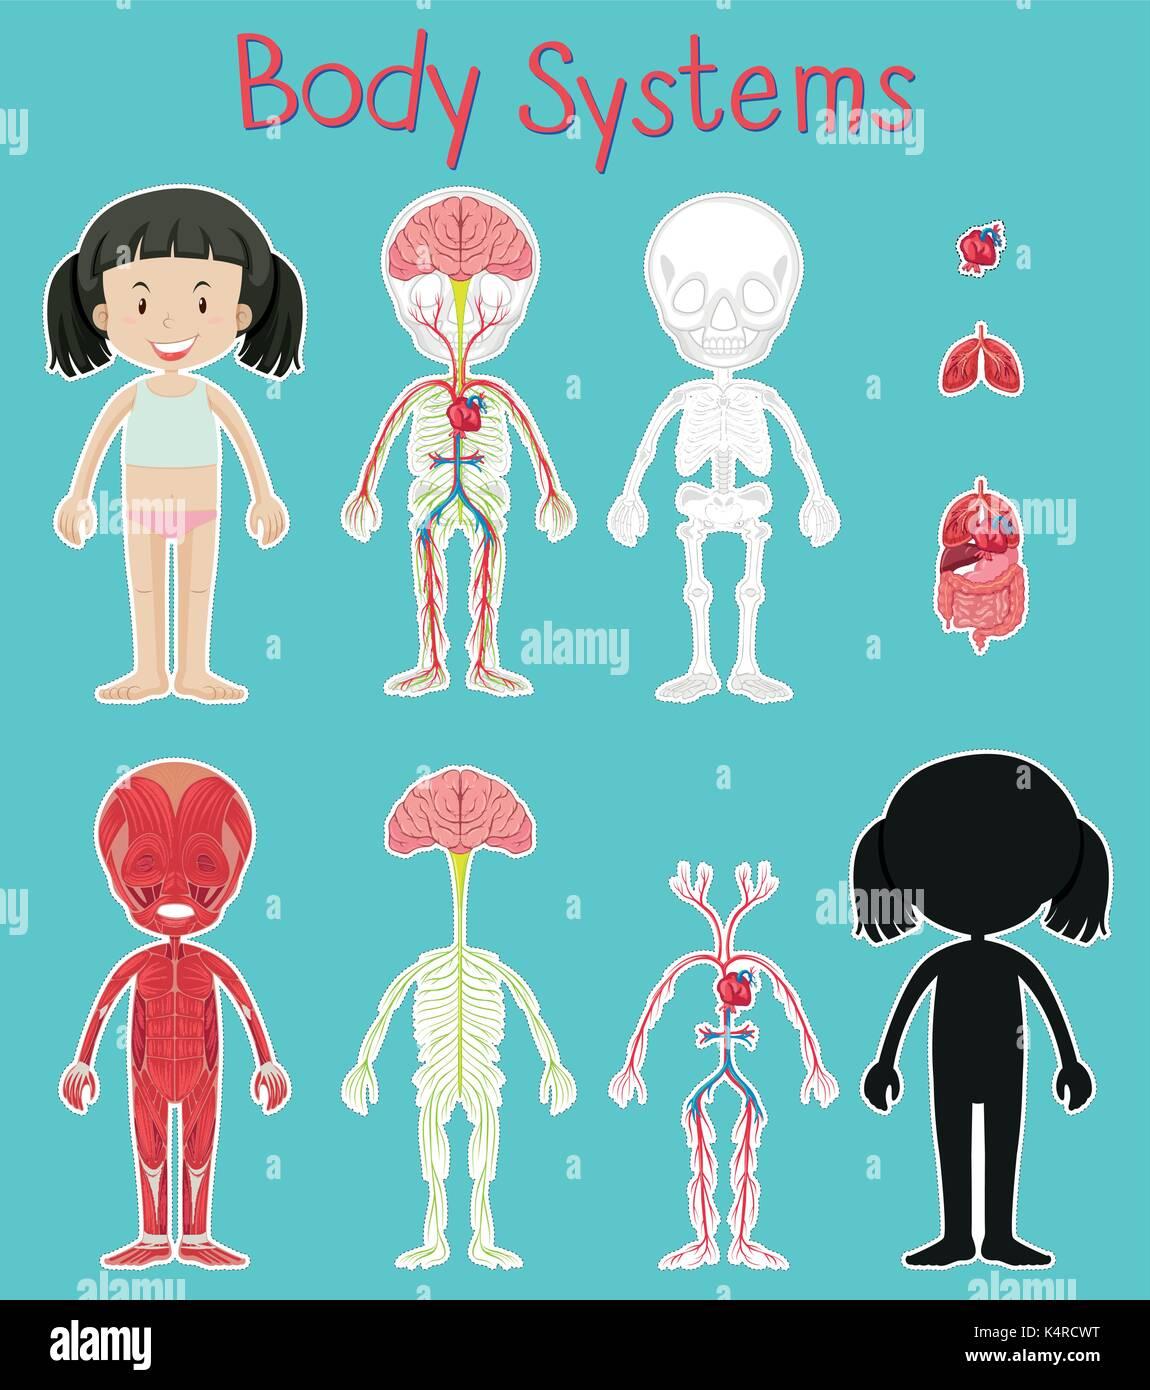 Perfecto Sistema Corporal Viñeta - Imágenes de Anatomía Humana ...